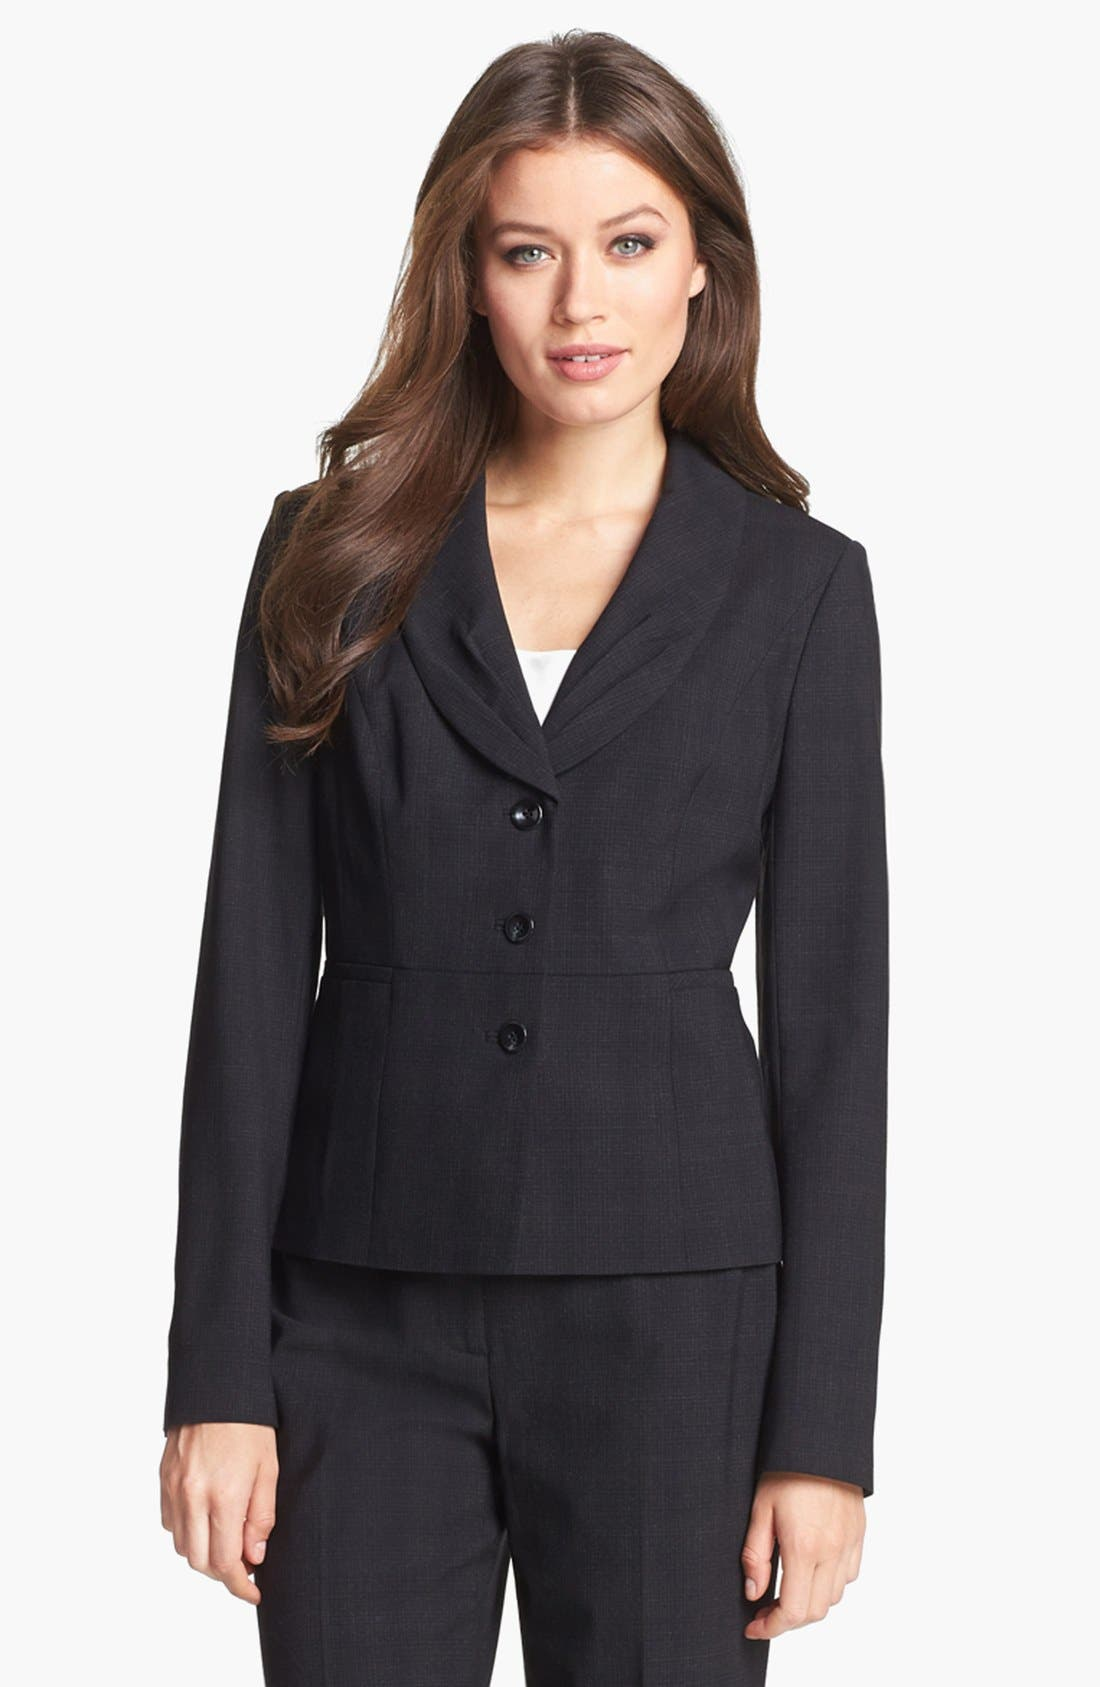 Alternate Image 1 Selected - Classiques Entier® Jacket & Pants